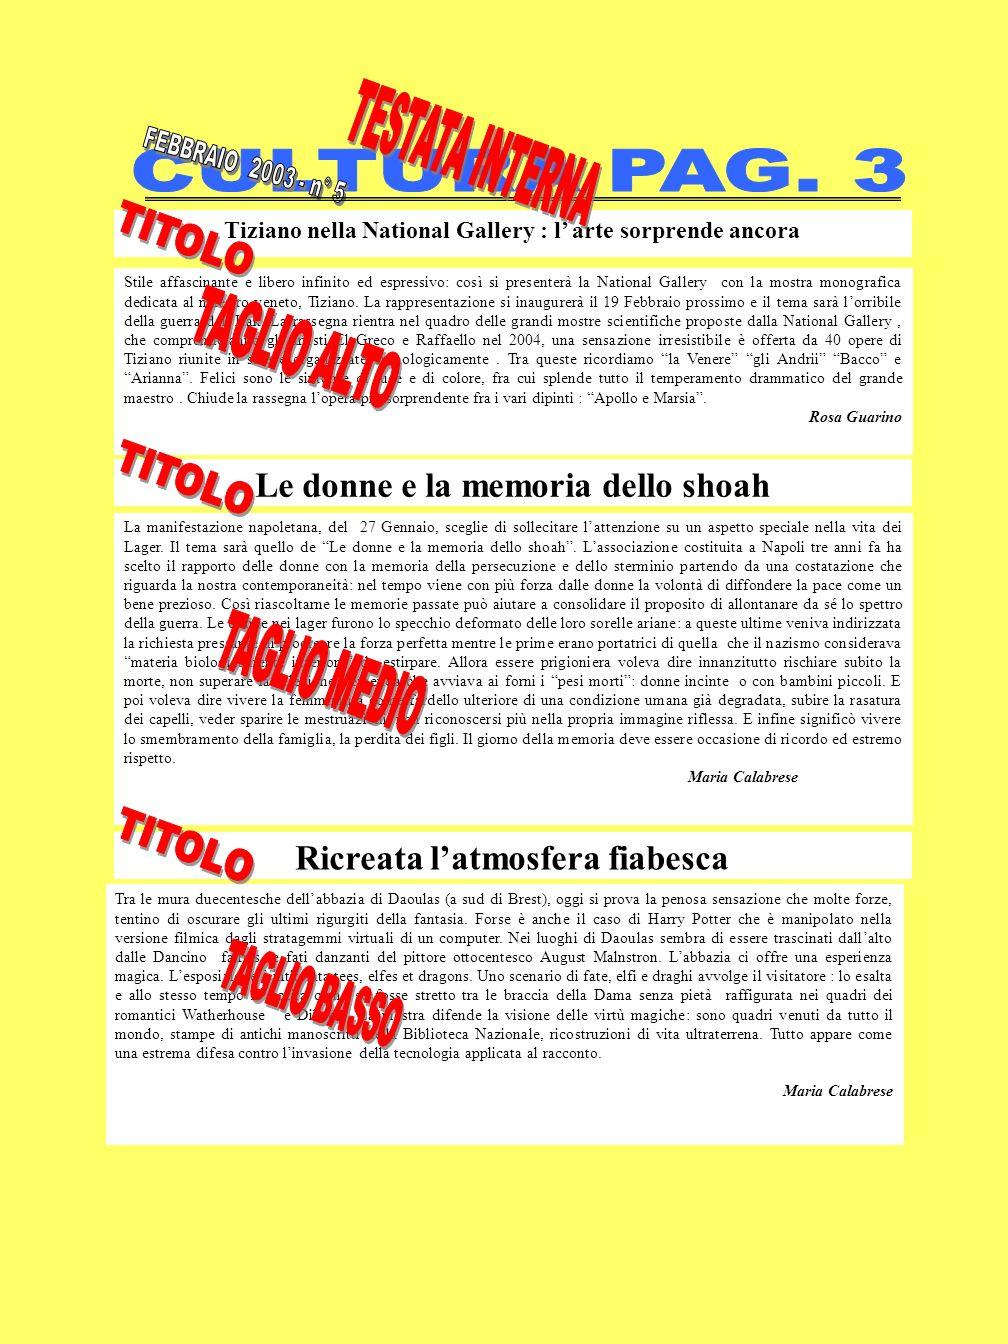 Tiziano nella National Gallery : l arte sorprende ancora Stile affascinante e libero infinito ed espressivo: così si presenterà la National Gallery con la mostra monografica dedicata al maestro veneto, Tiziano.